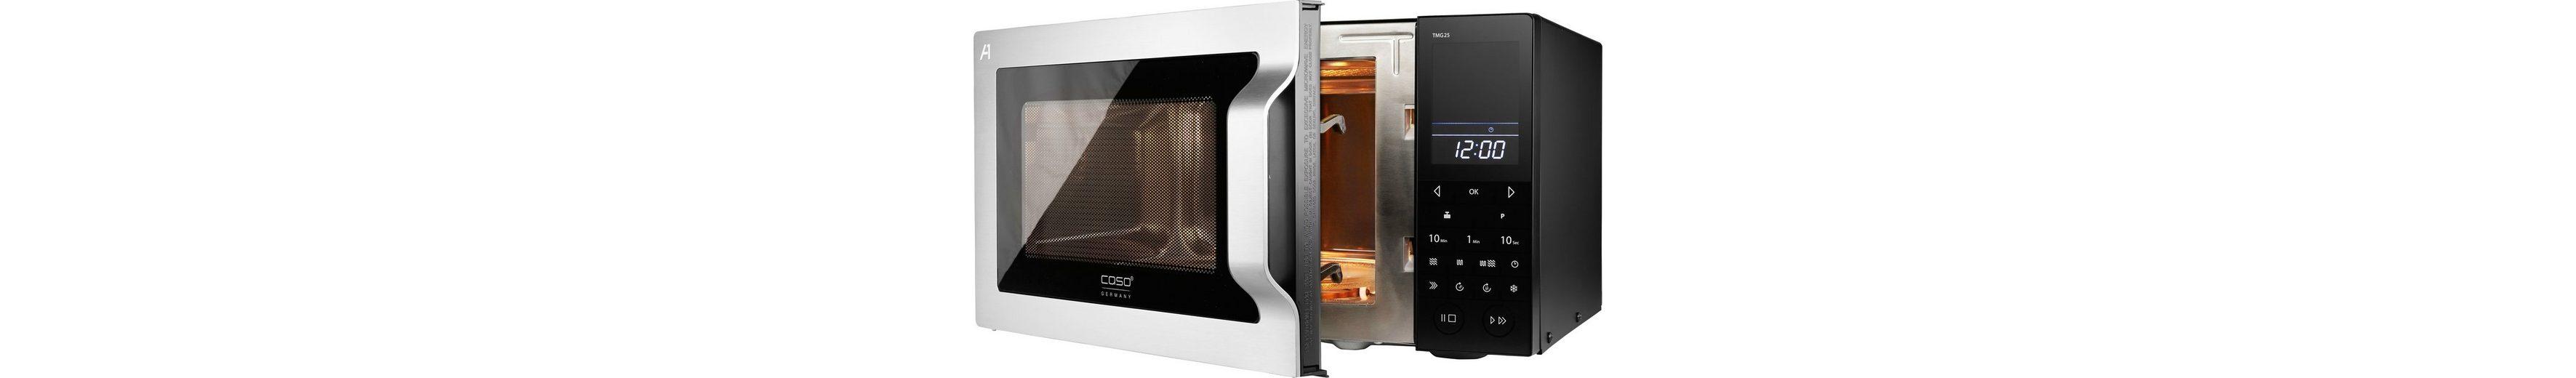 caso Germany Mikrowelle TMG25 menu touch, mit Grill, 25 Liter Garraum, 900 Watt